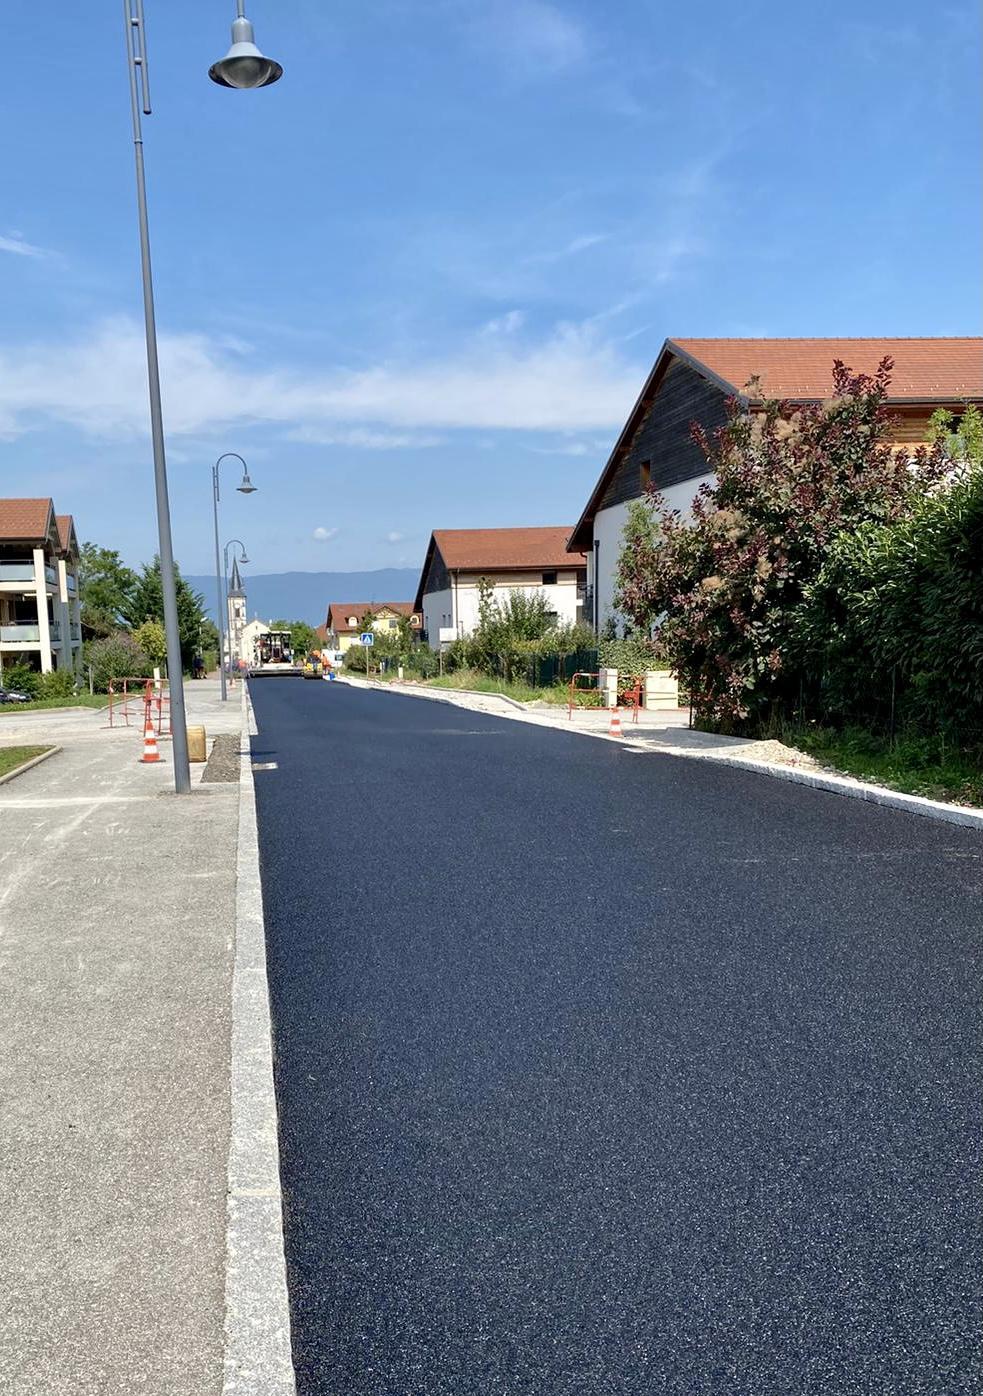 Image de couverture - Réouverture du Chemin Neuf avancée!